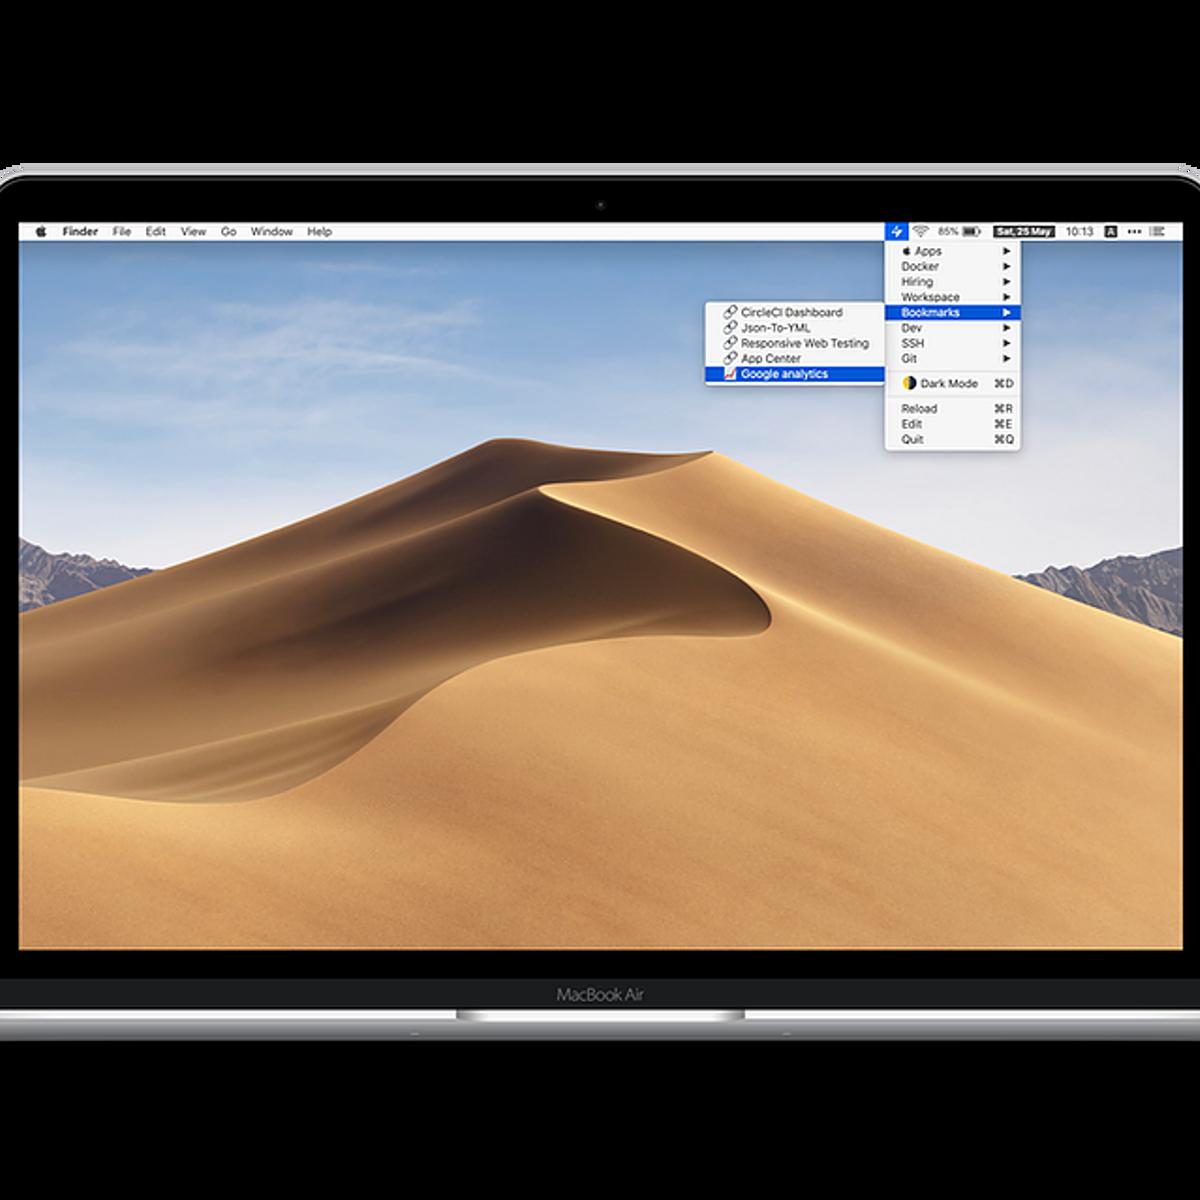 Superbar Alternatives and Similar Software - AlternativeTo net